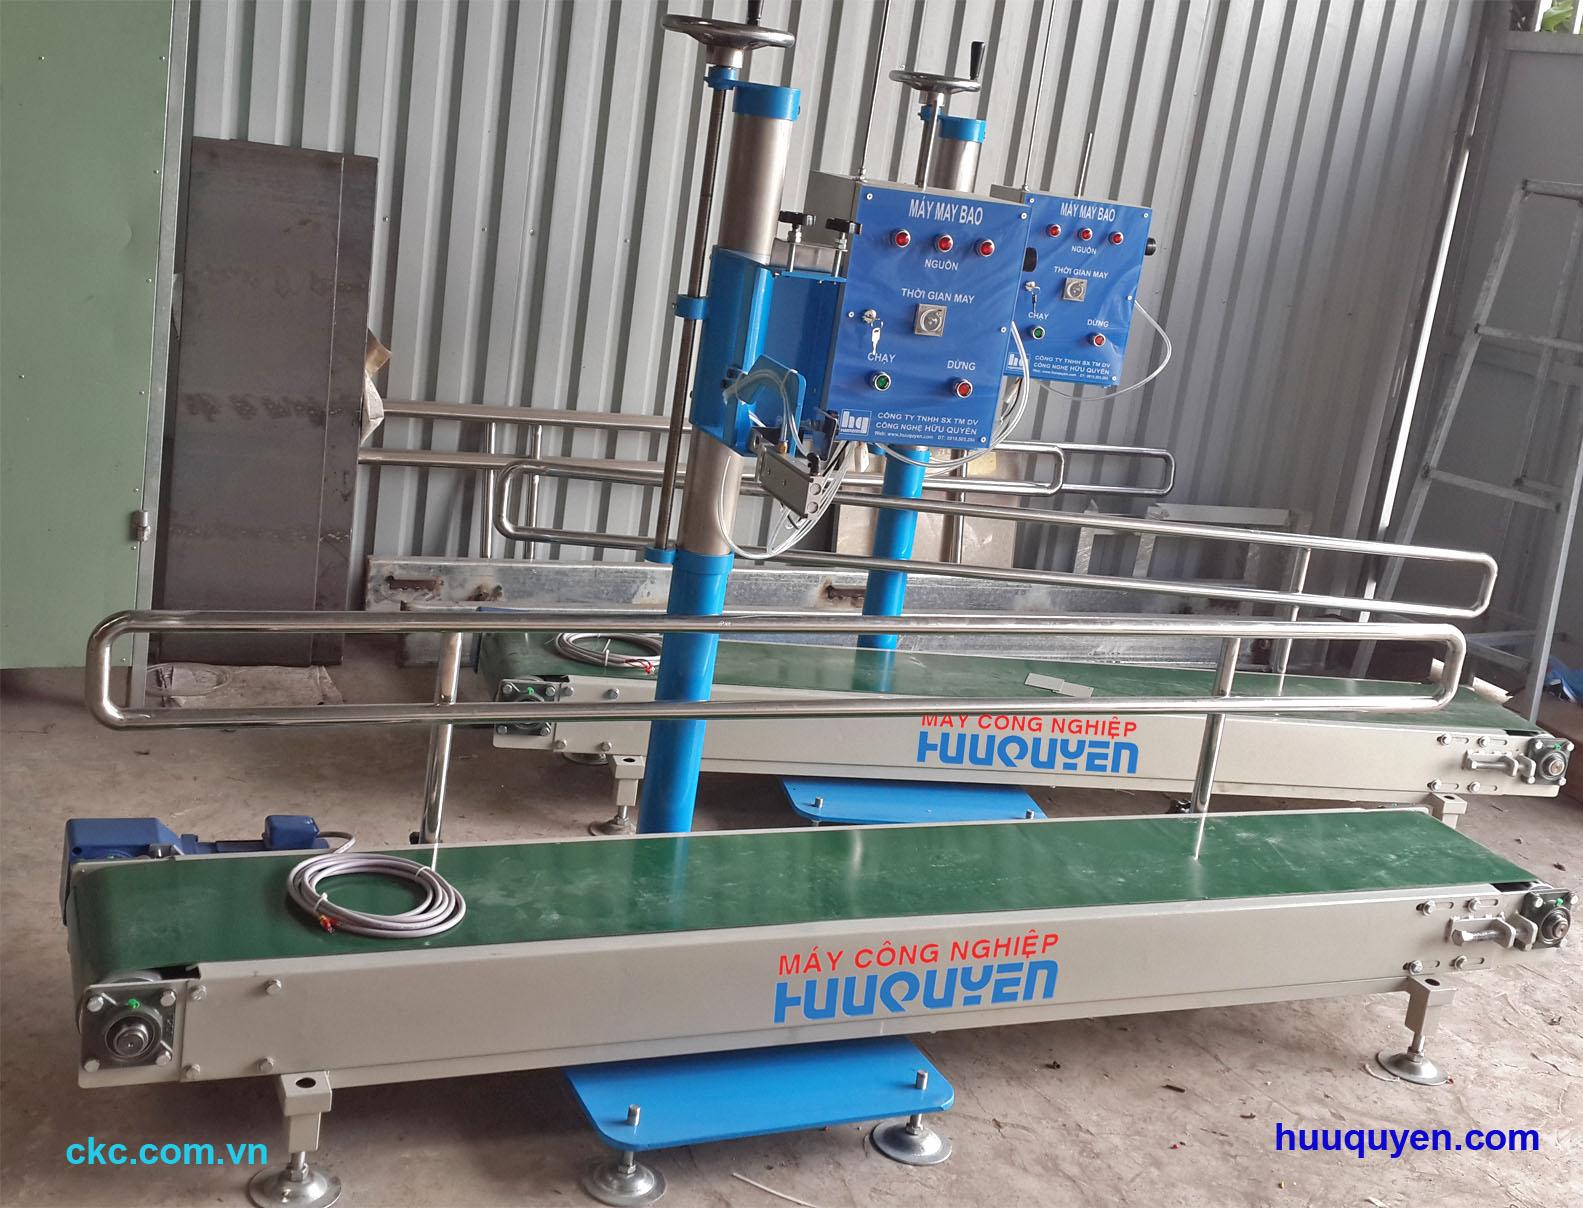 Băng tải dùng cho máy may bao công nghiệp